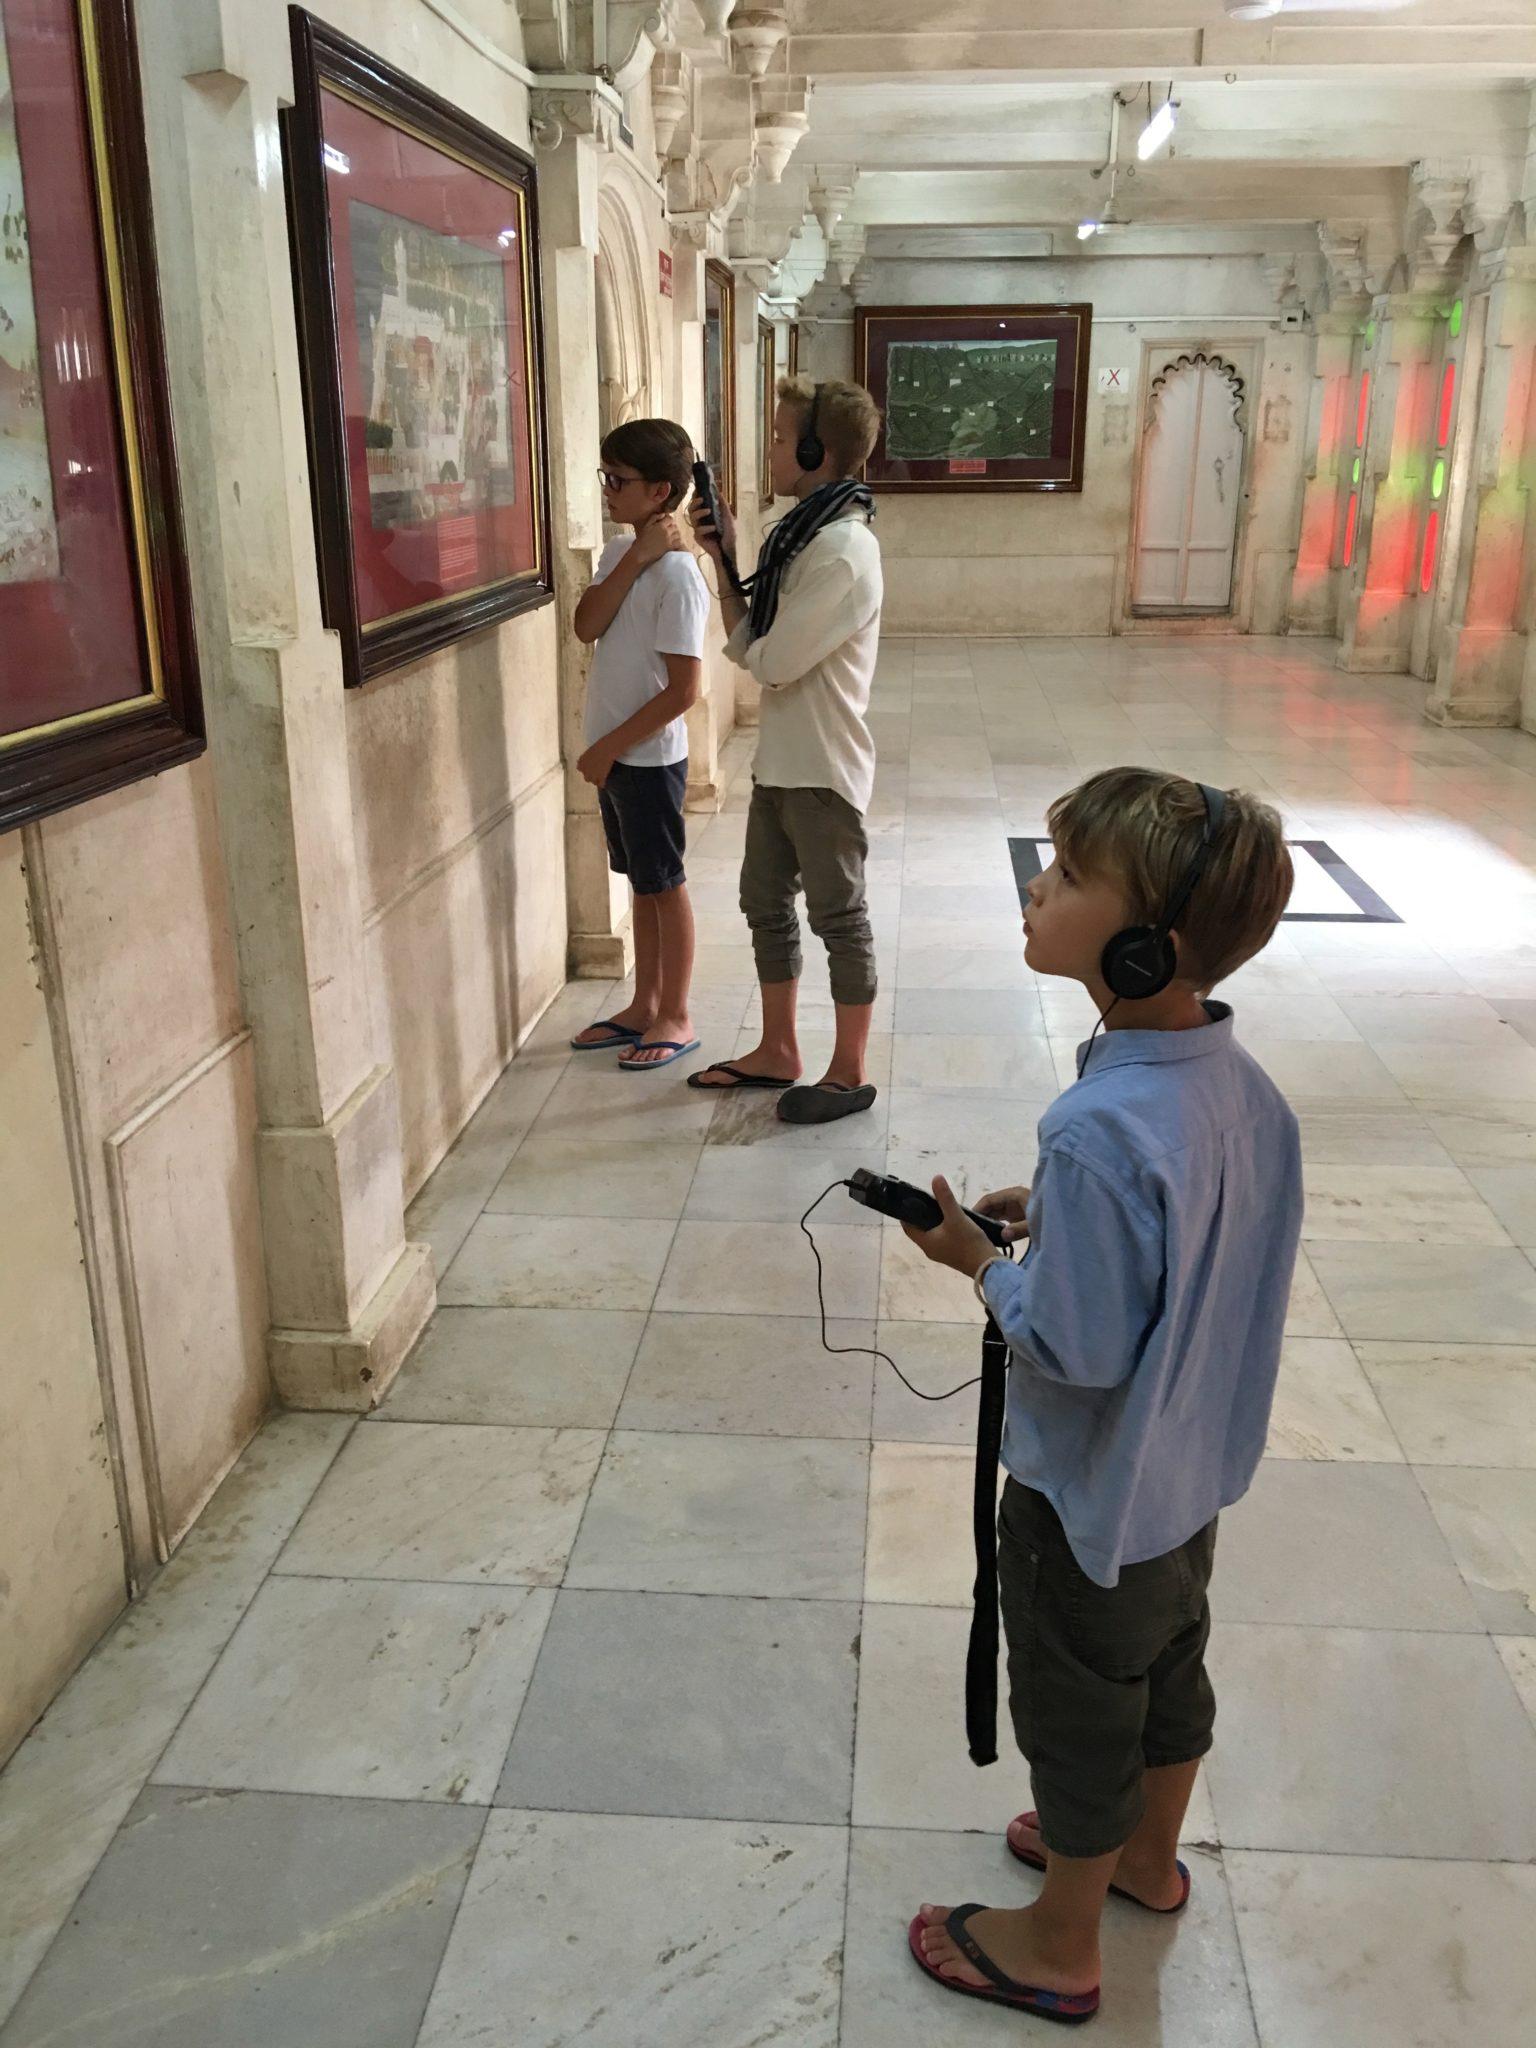 Kinder gebannt vor Bildern. Da geht mir das Herz auf!